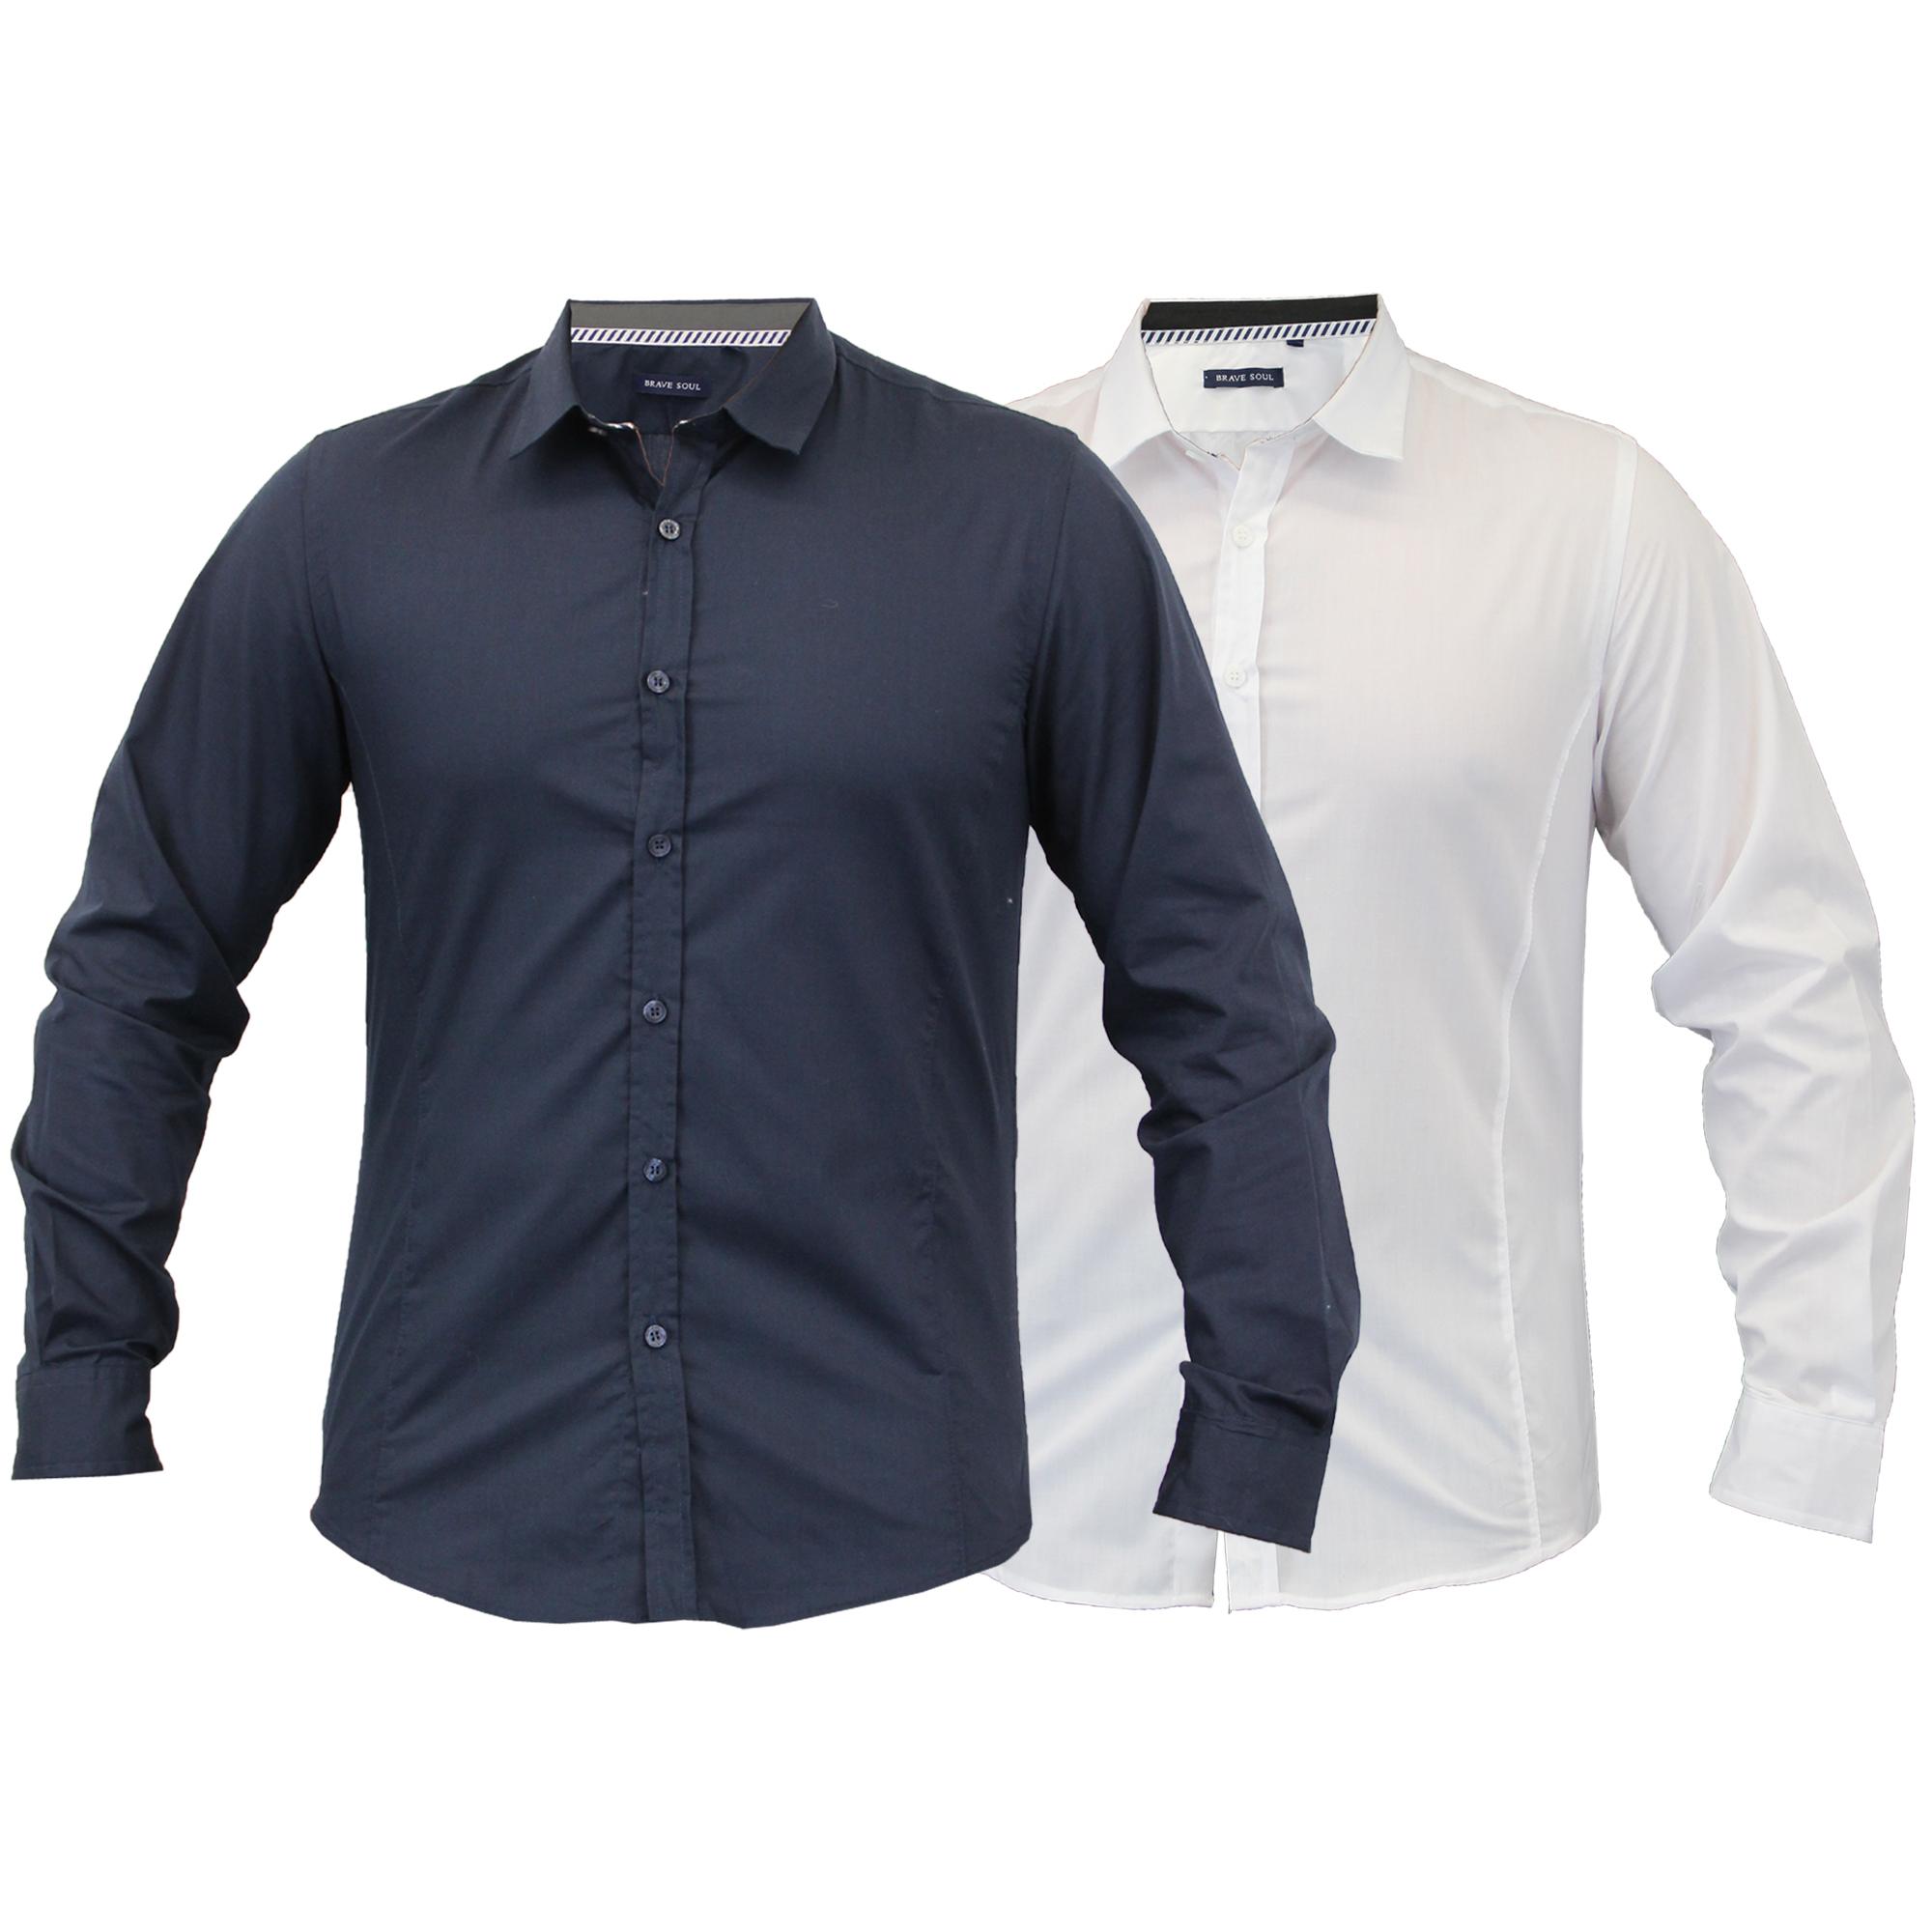 5256e7fb033 Mens Long Sleeved Collared Shirt by Brave Soul White - 69tudor S for ...